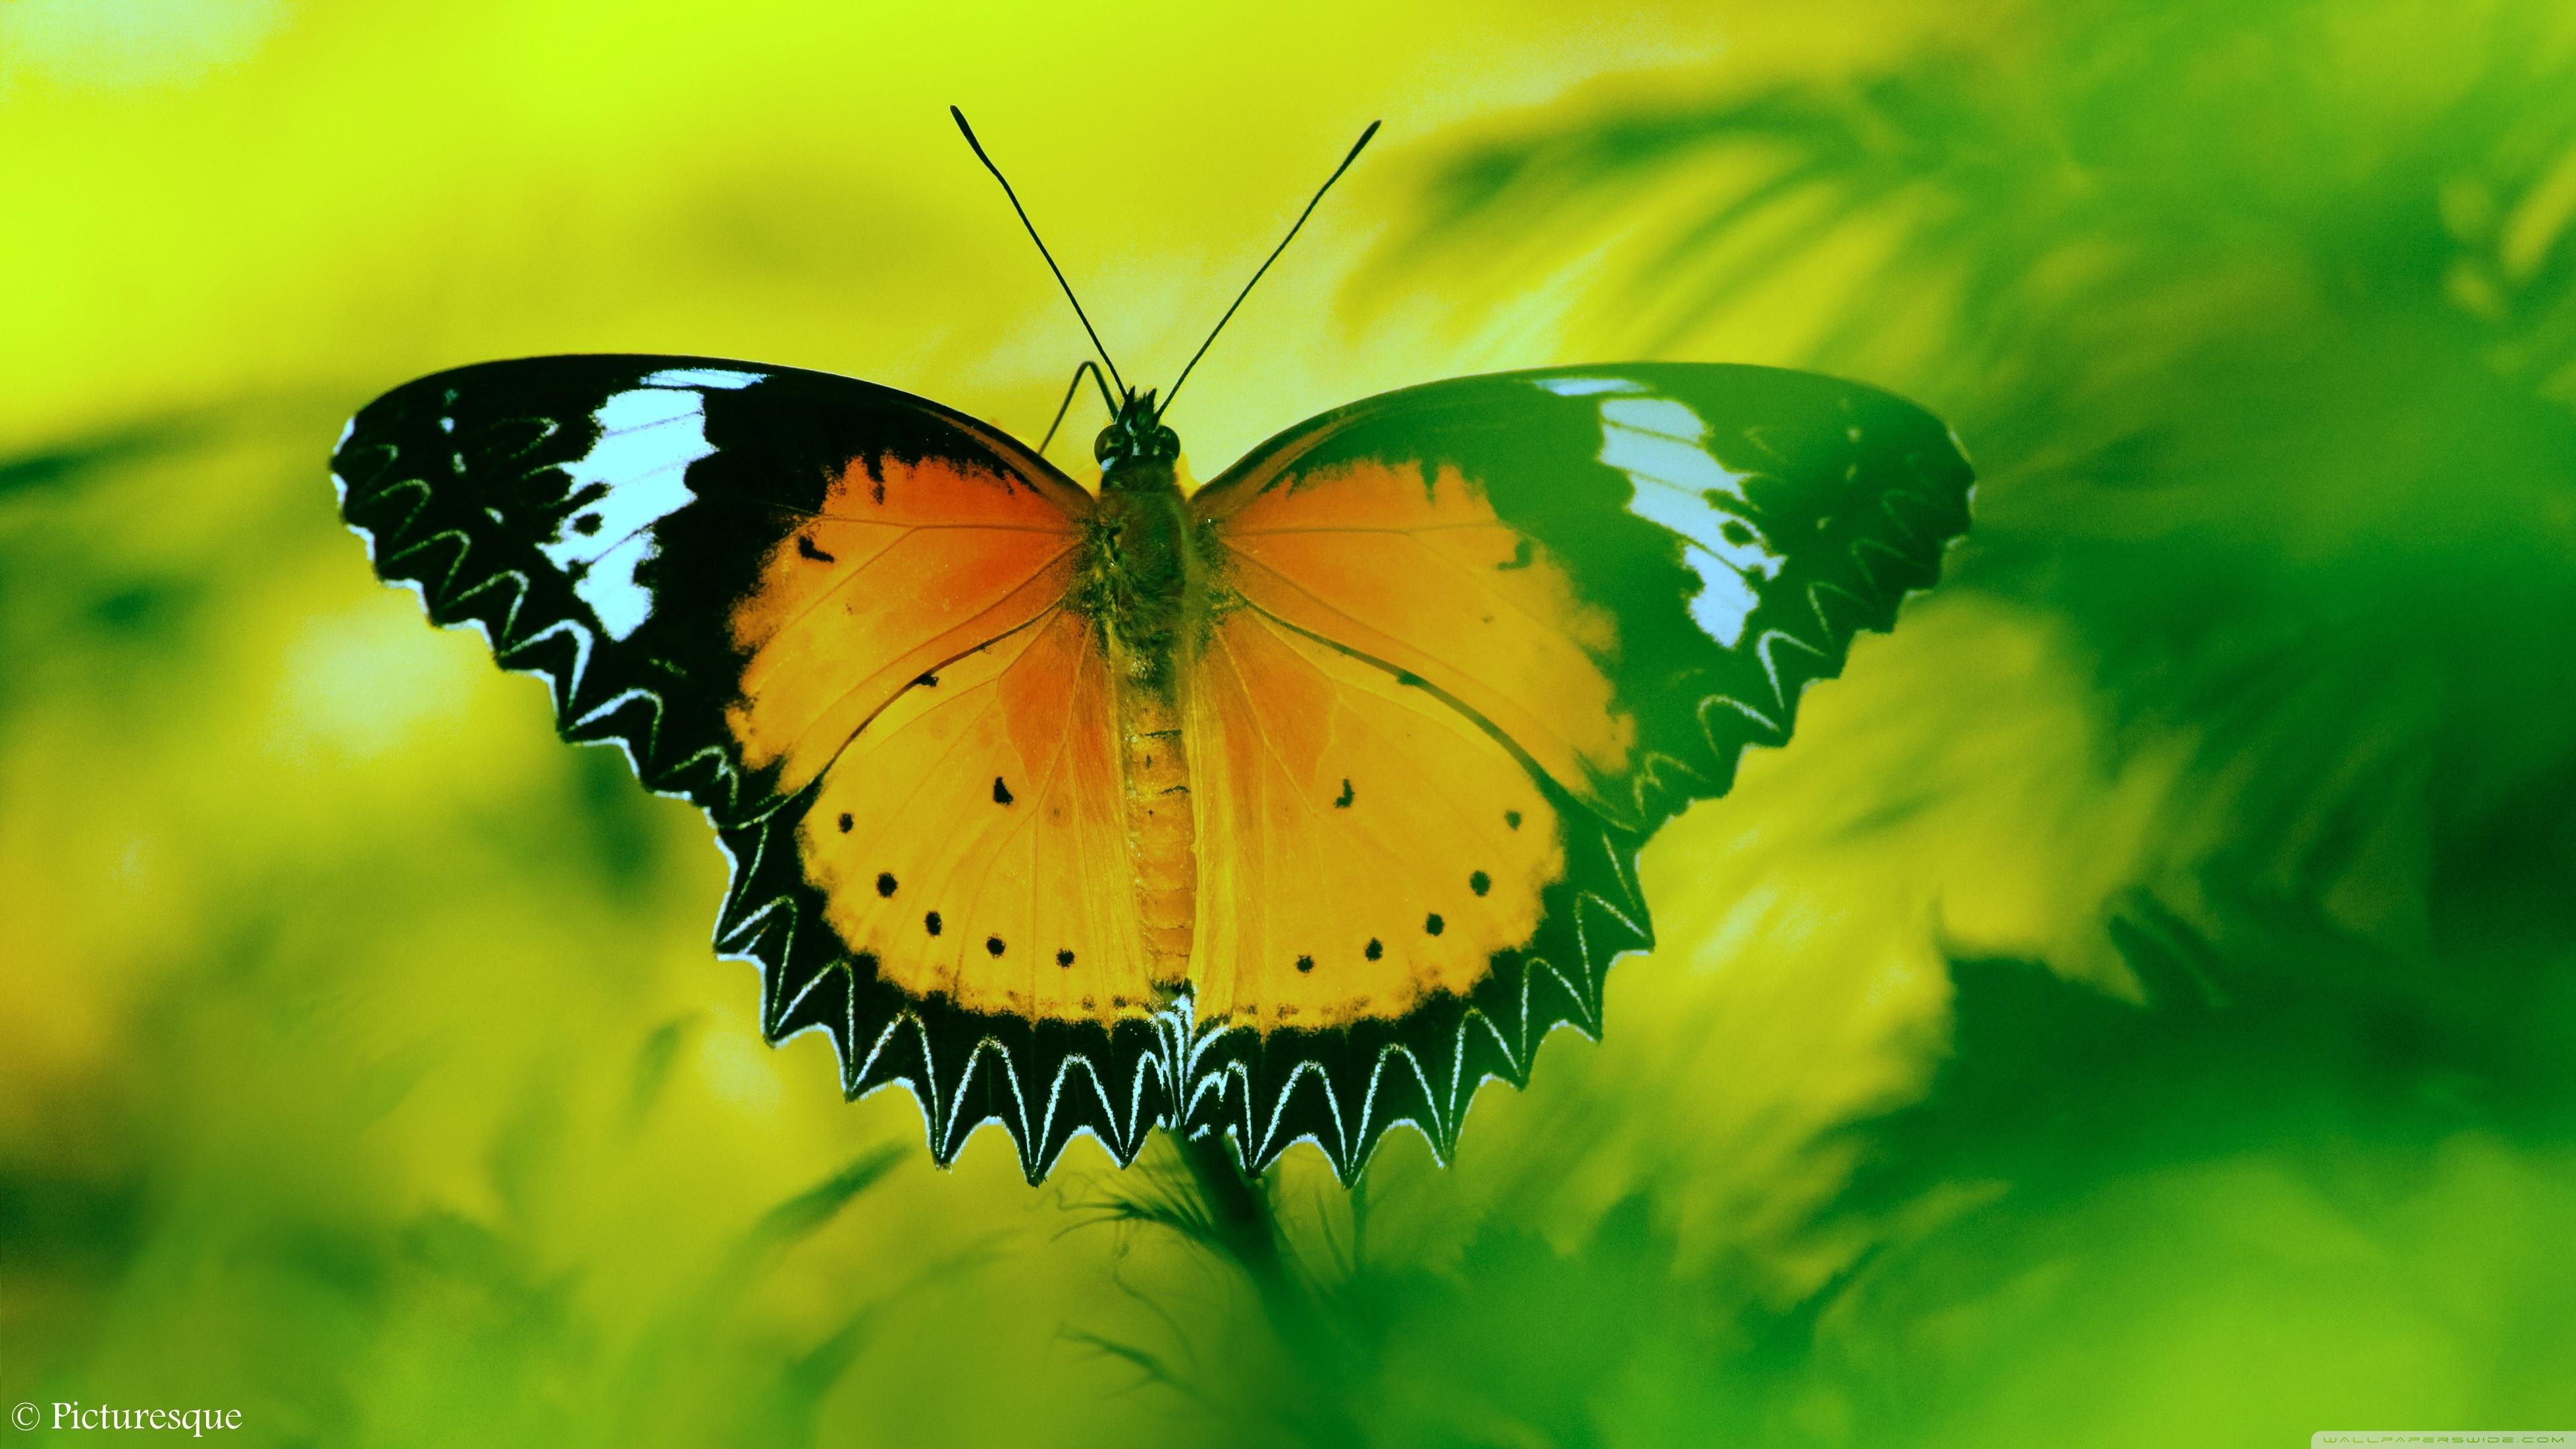 27 Butterfly 4k Wallpapers On Wallpapersafari